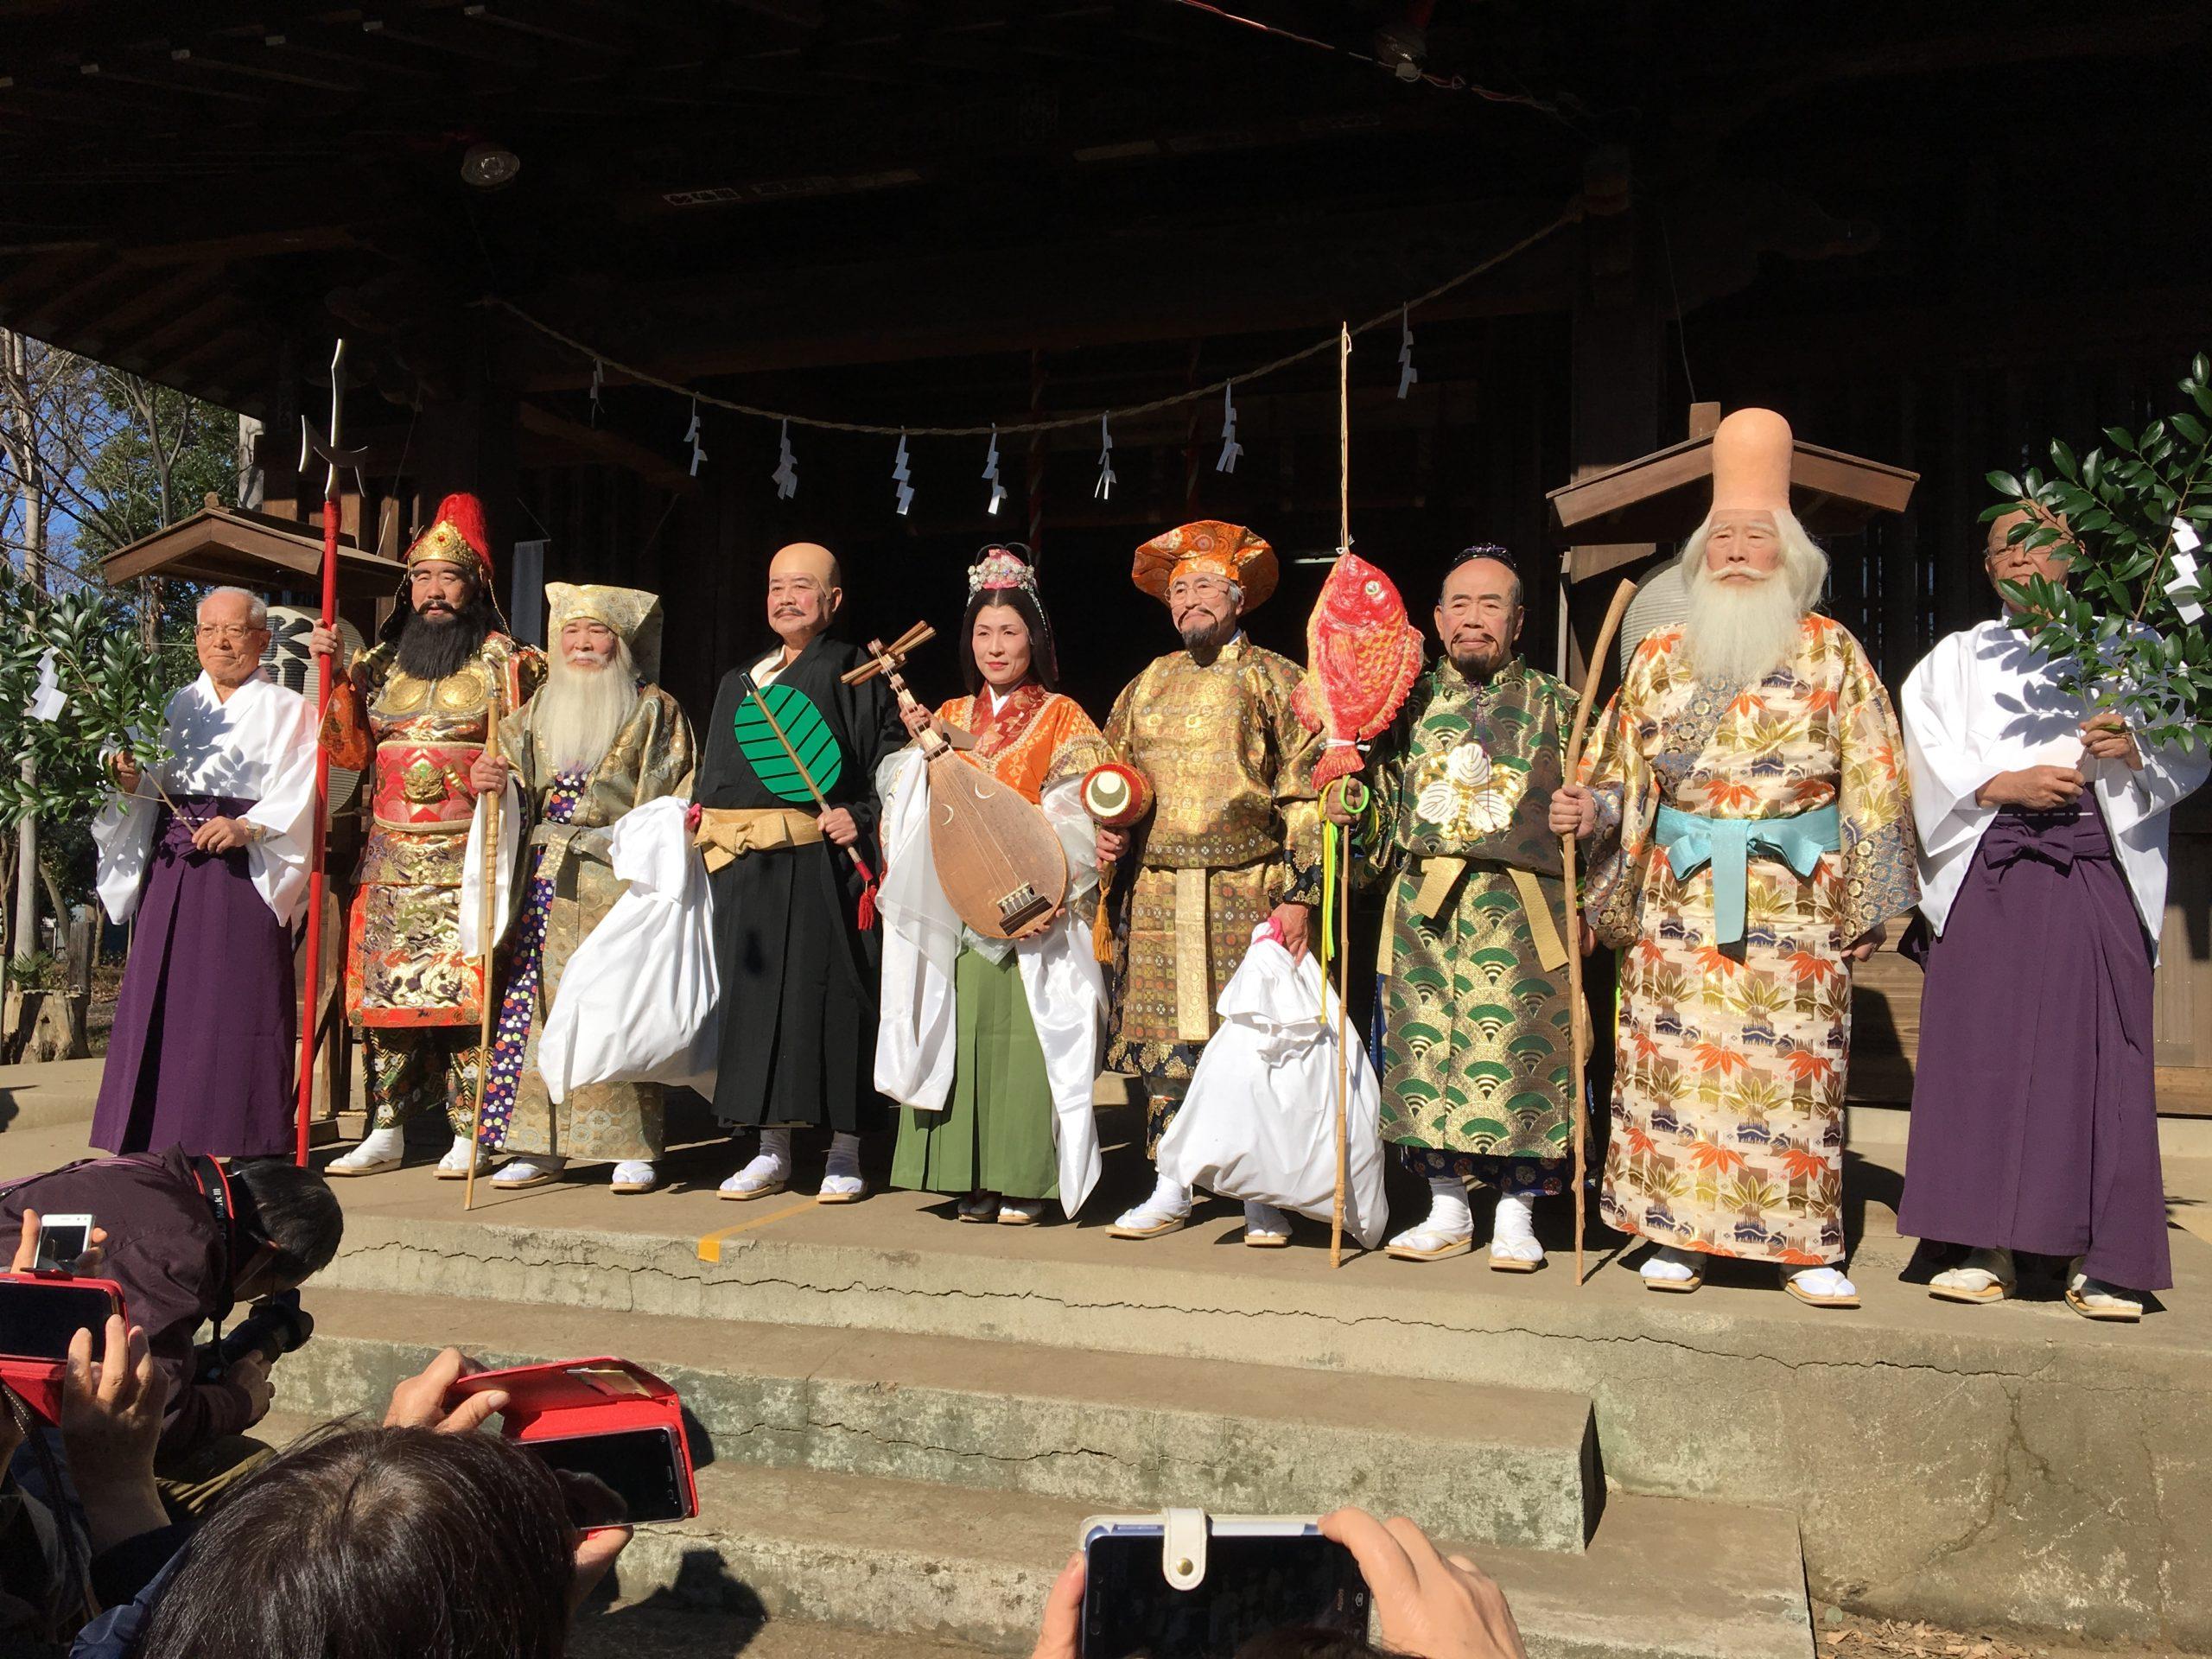 神々も喜ぶ快晴で 第35回与野七福神仮装パレードが開催